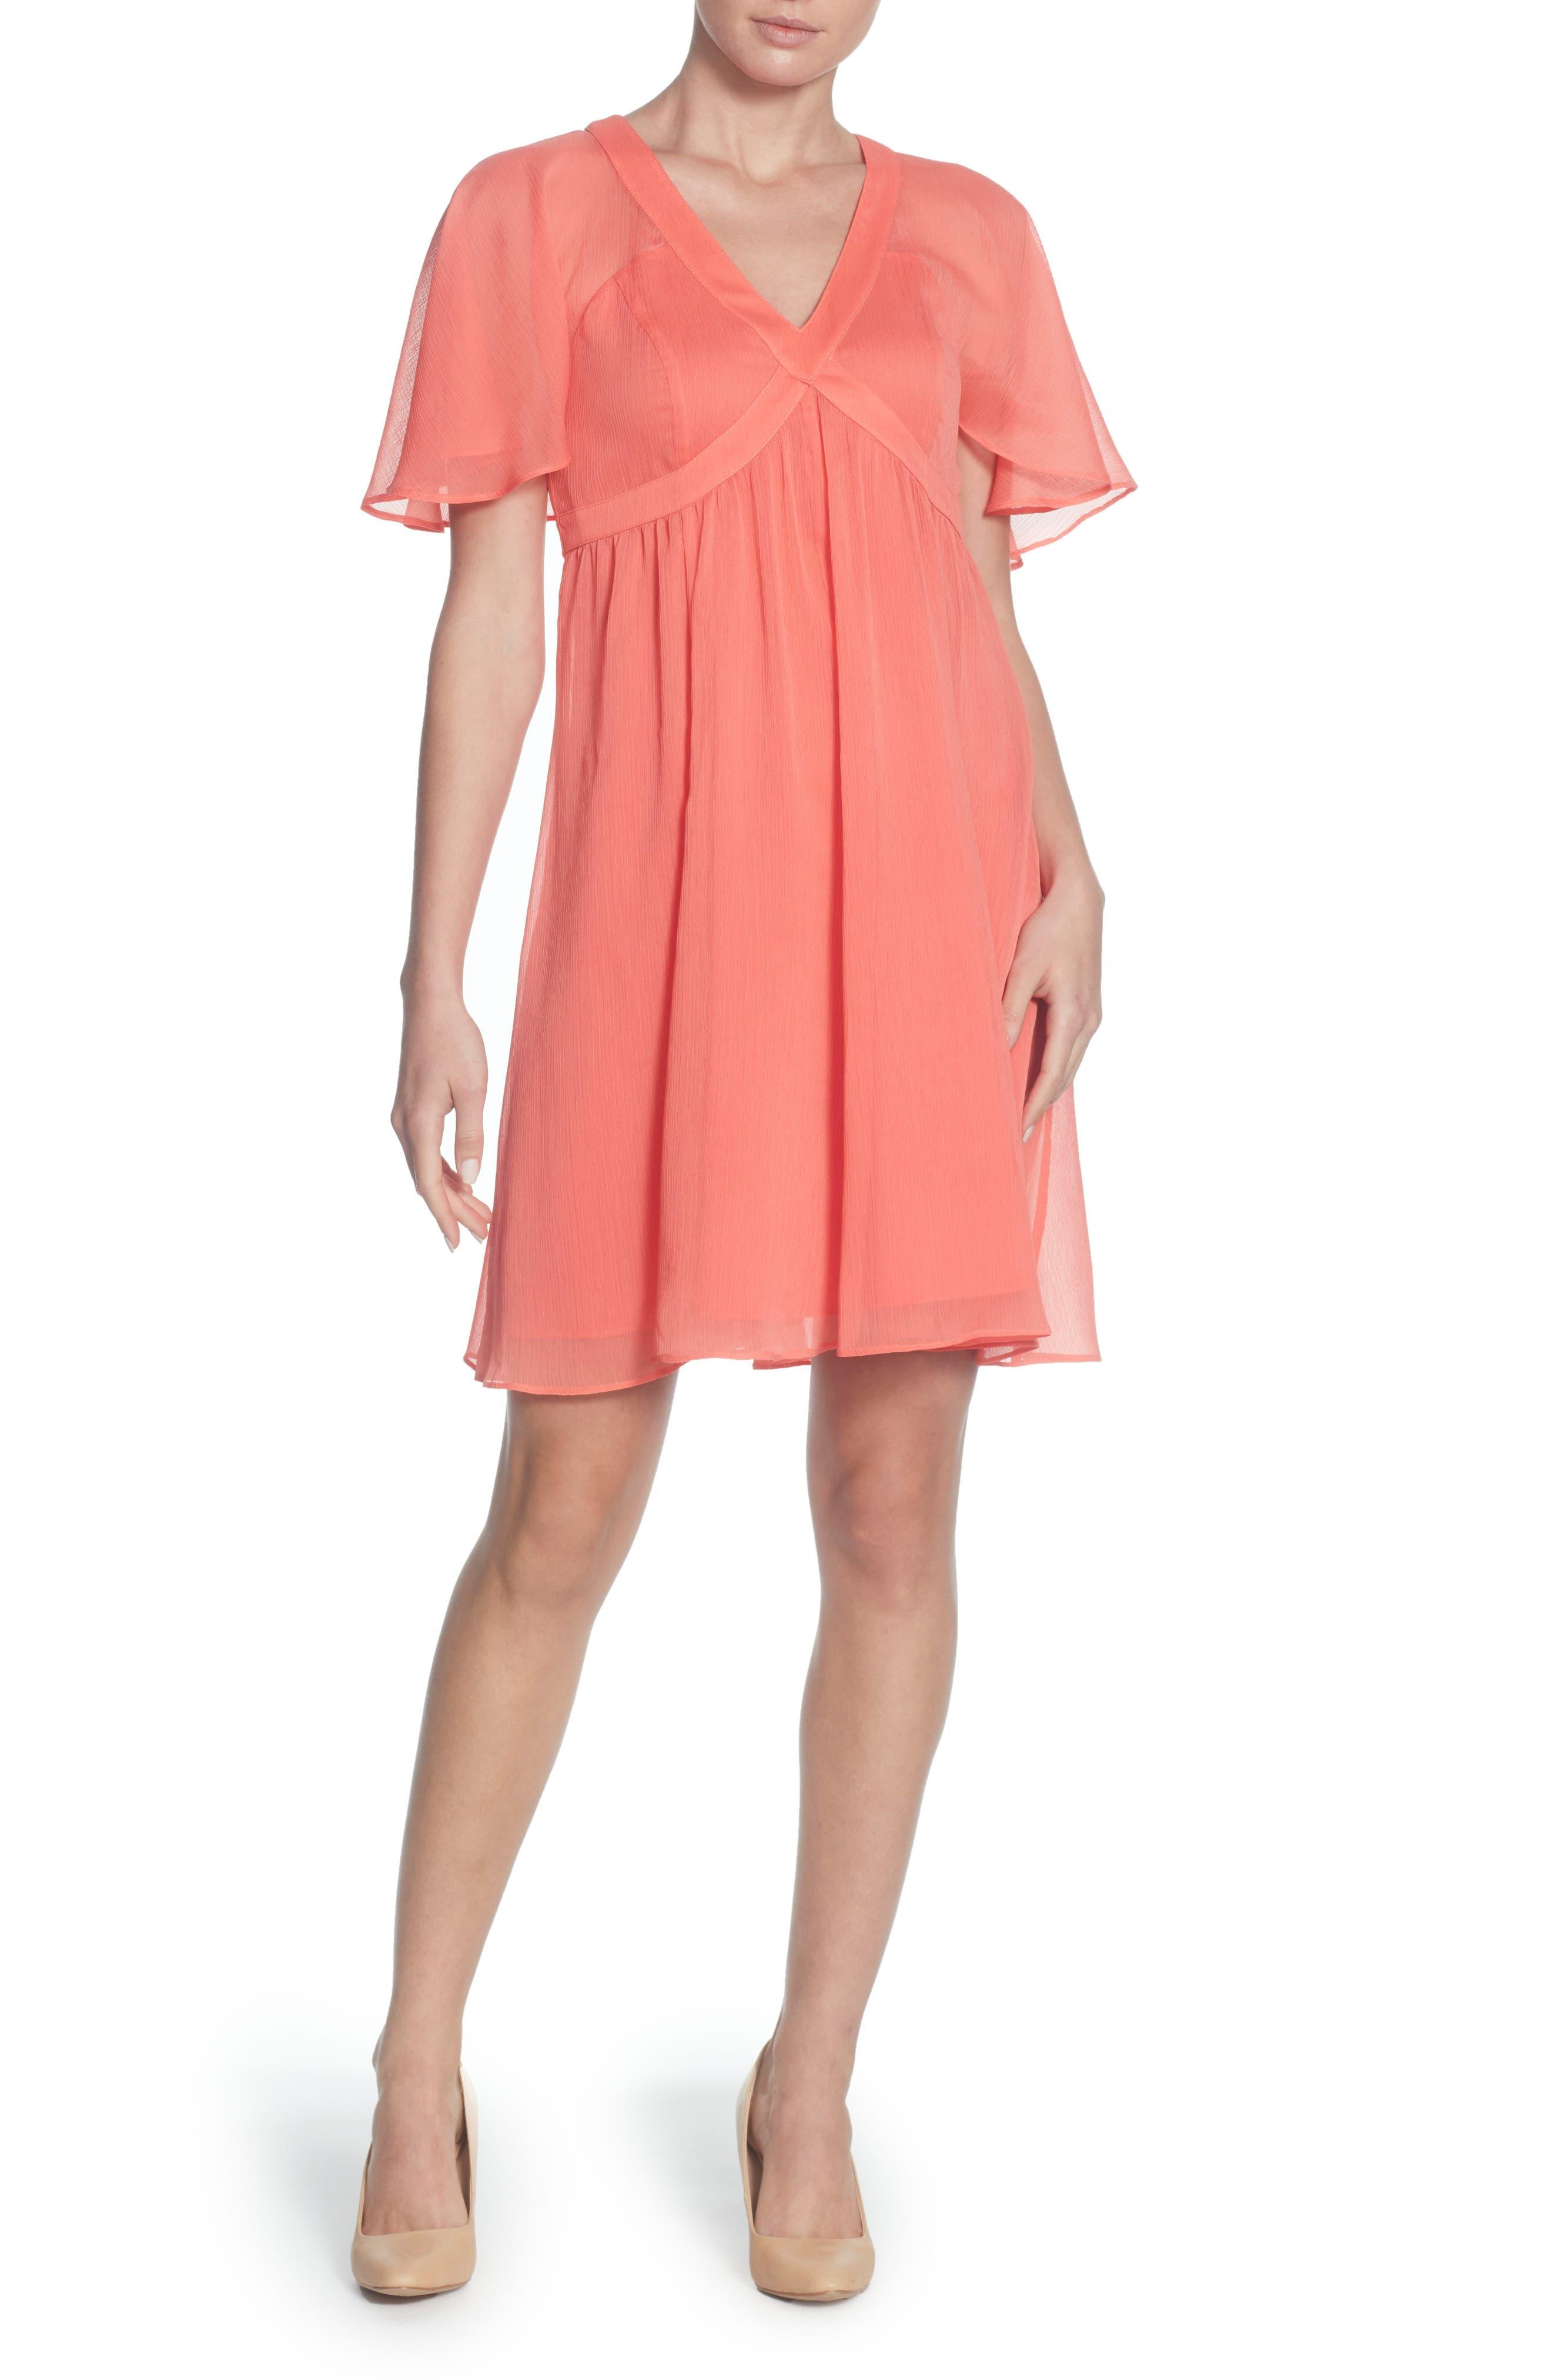 Odom Skater Dress,                         Main,                         color, Porcelain Rose